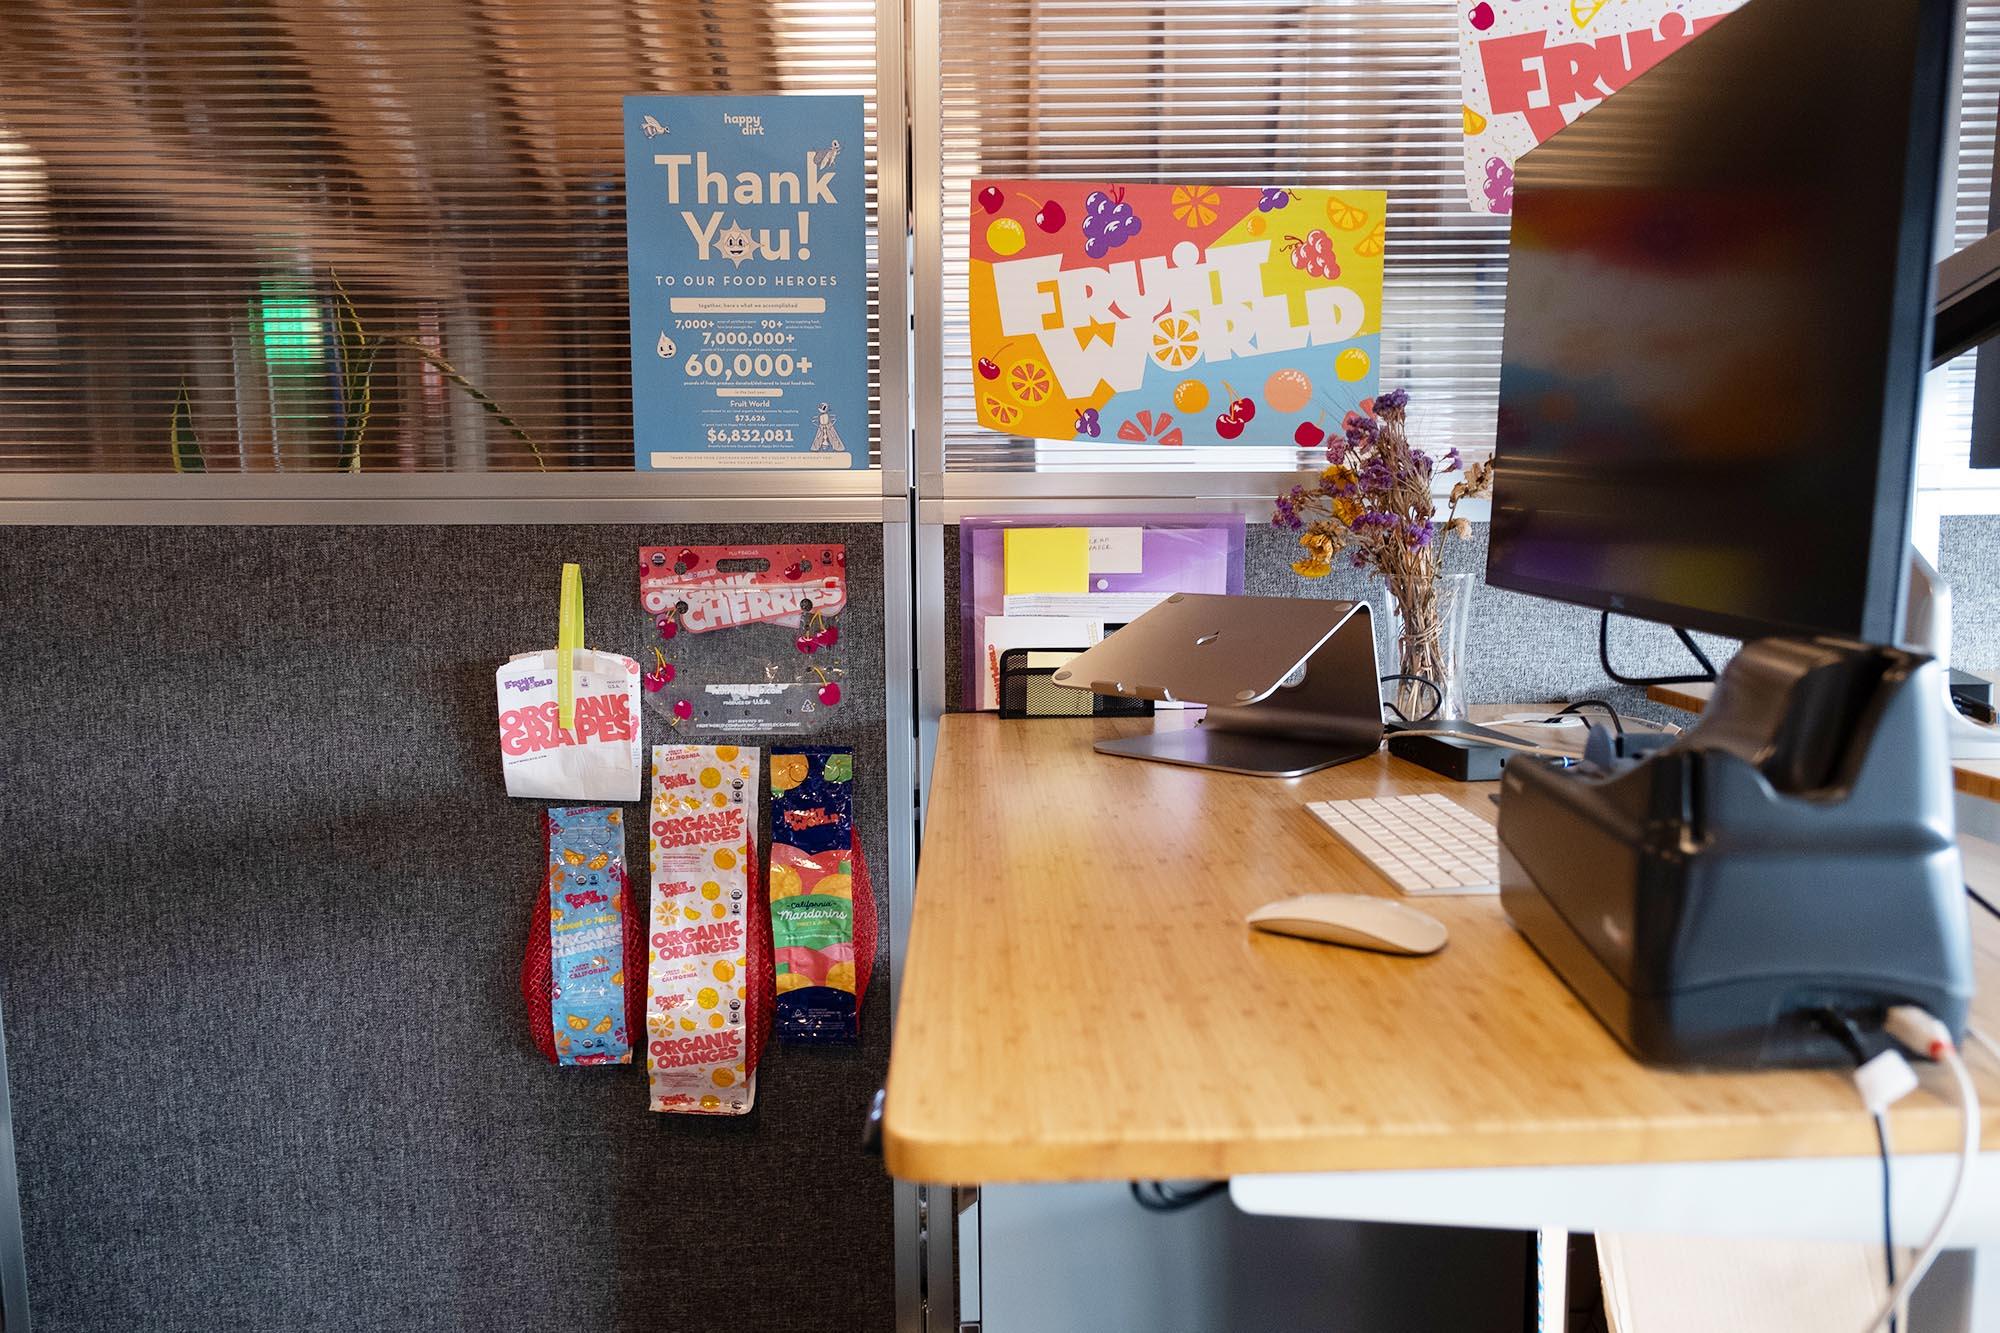 Dedicated desk details